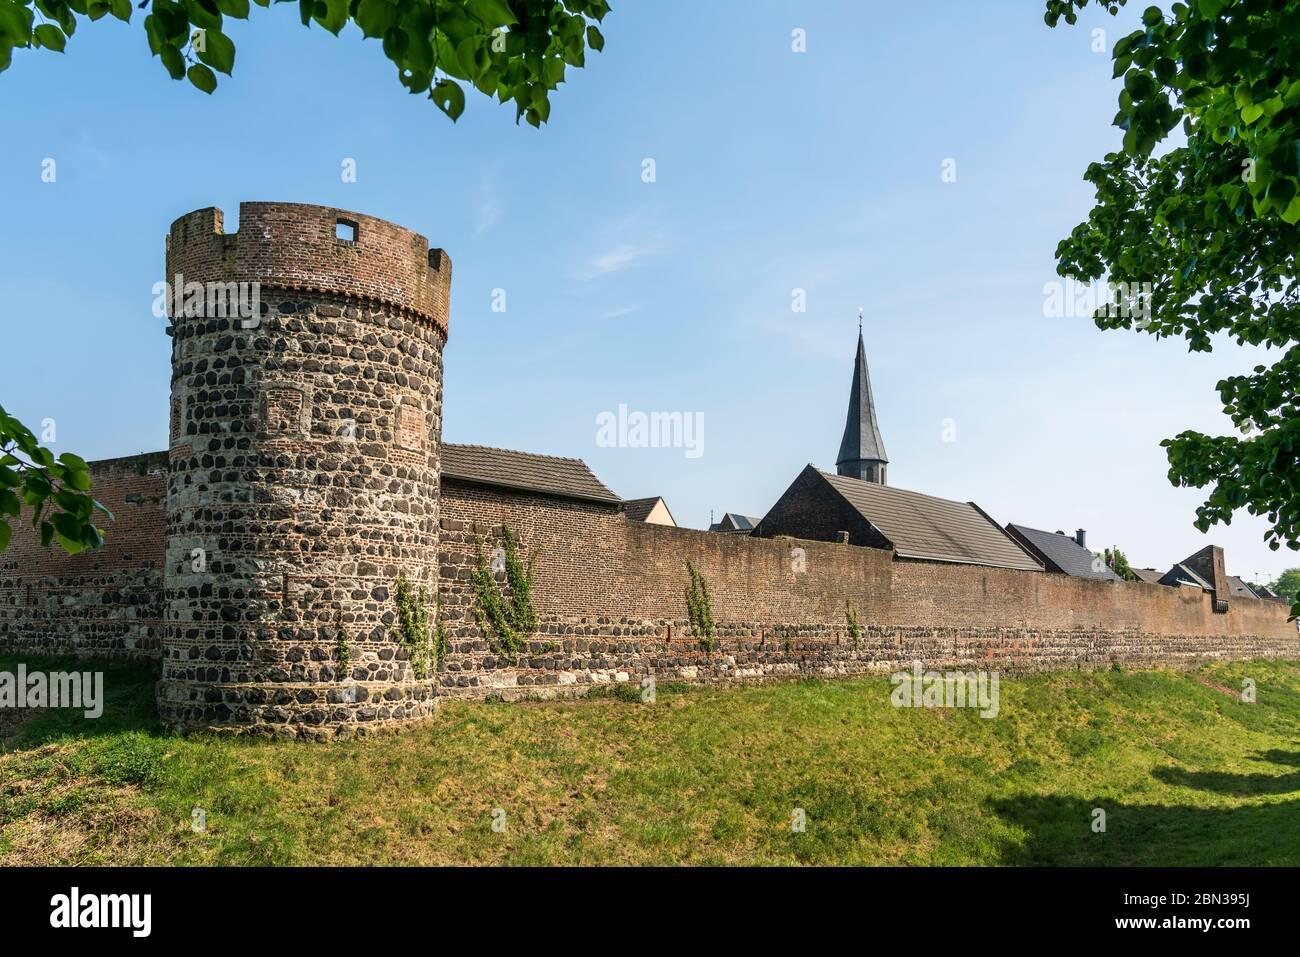 Stadtmauer, Krötschenturm und Pfarrkirche St. Martinus in der Stadt Zons, Dormagen, Niederrhein, Nordrhein-Westfalen, Deutschland, Europa    City wall Stock Photo